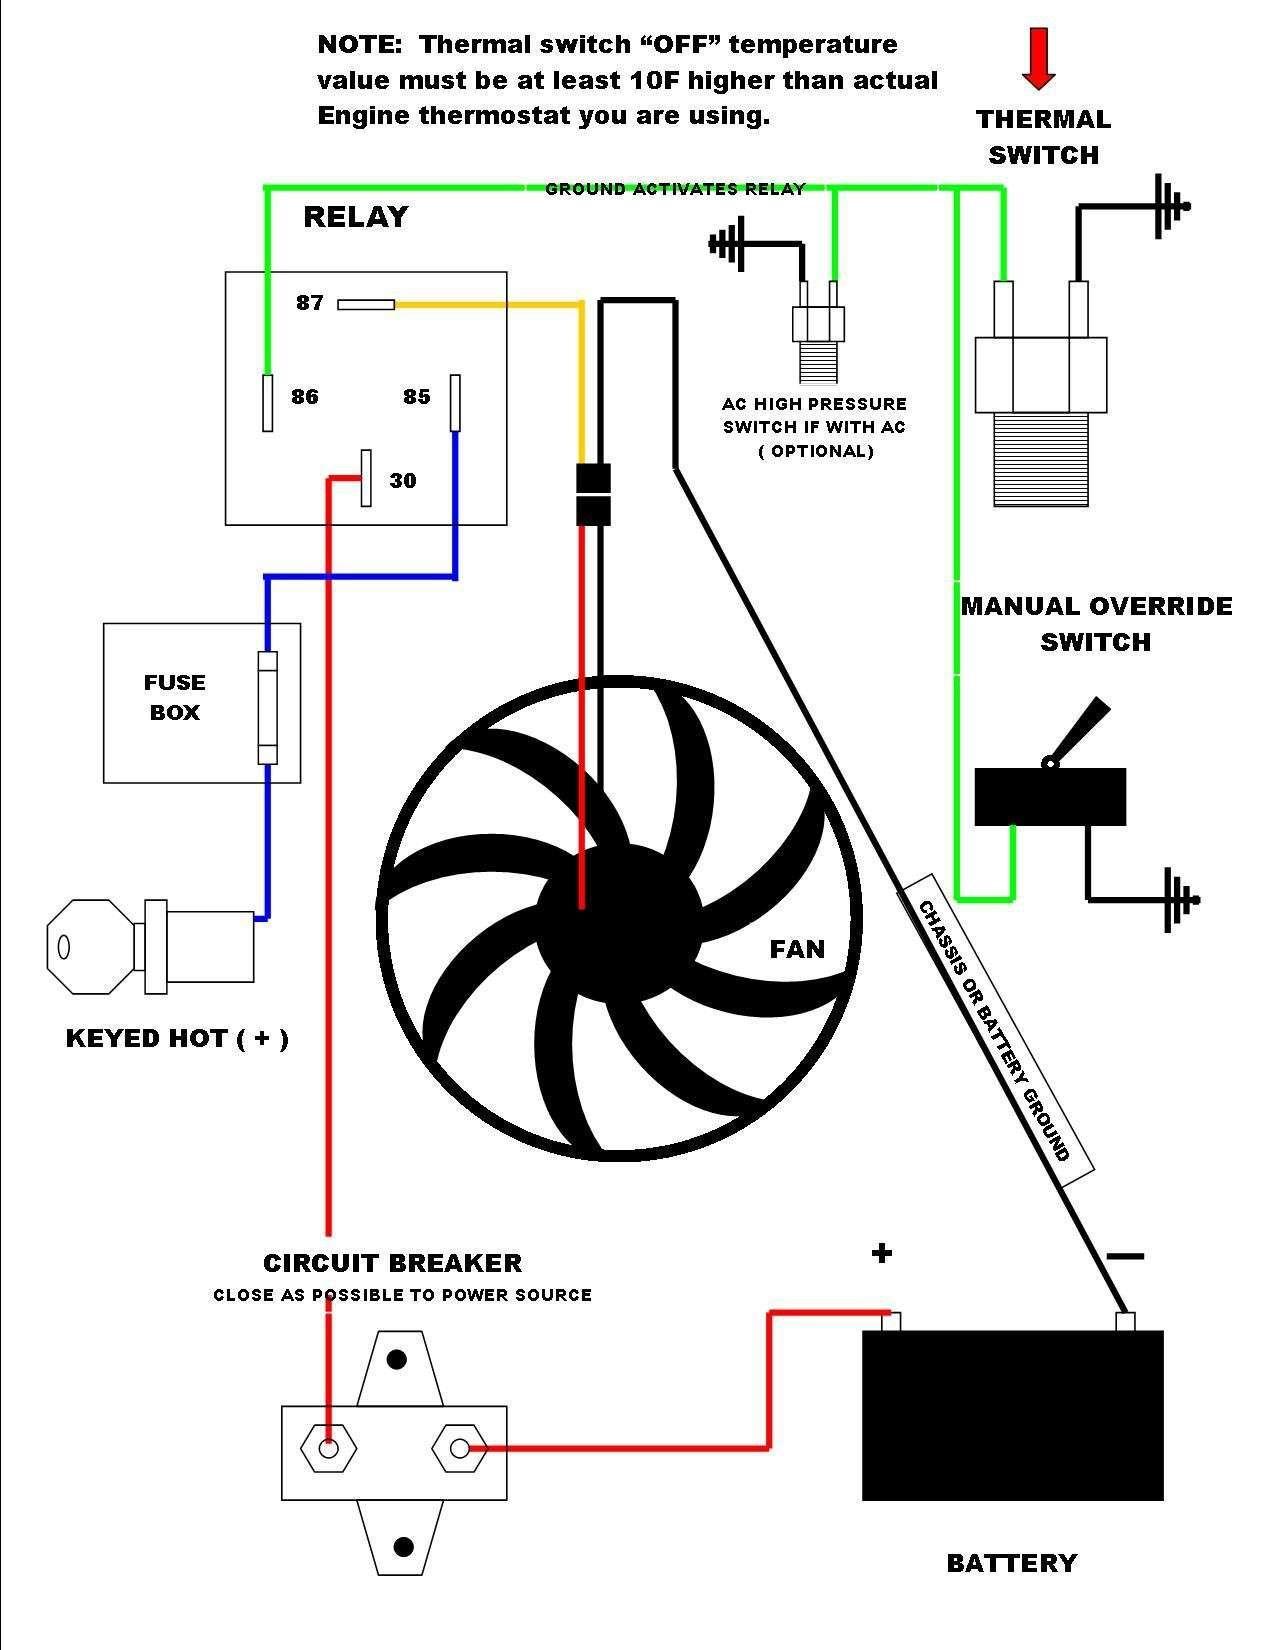 wiring diagram electrical wiring diagram electrical  [ 1275 x 1650 Pixel ]